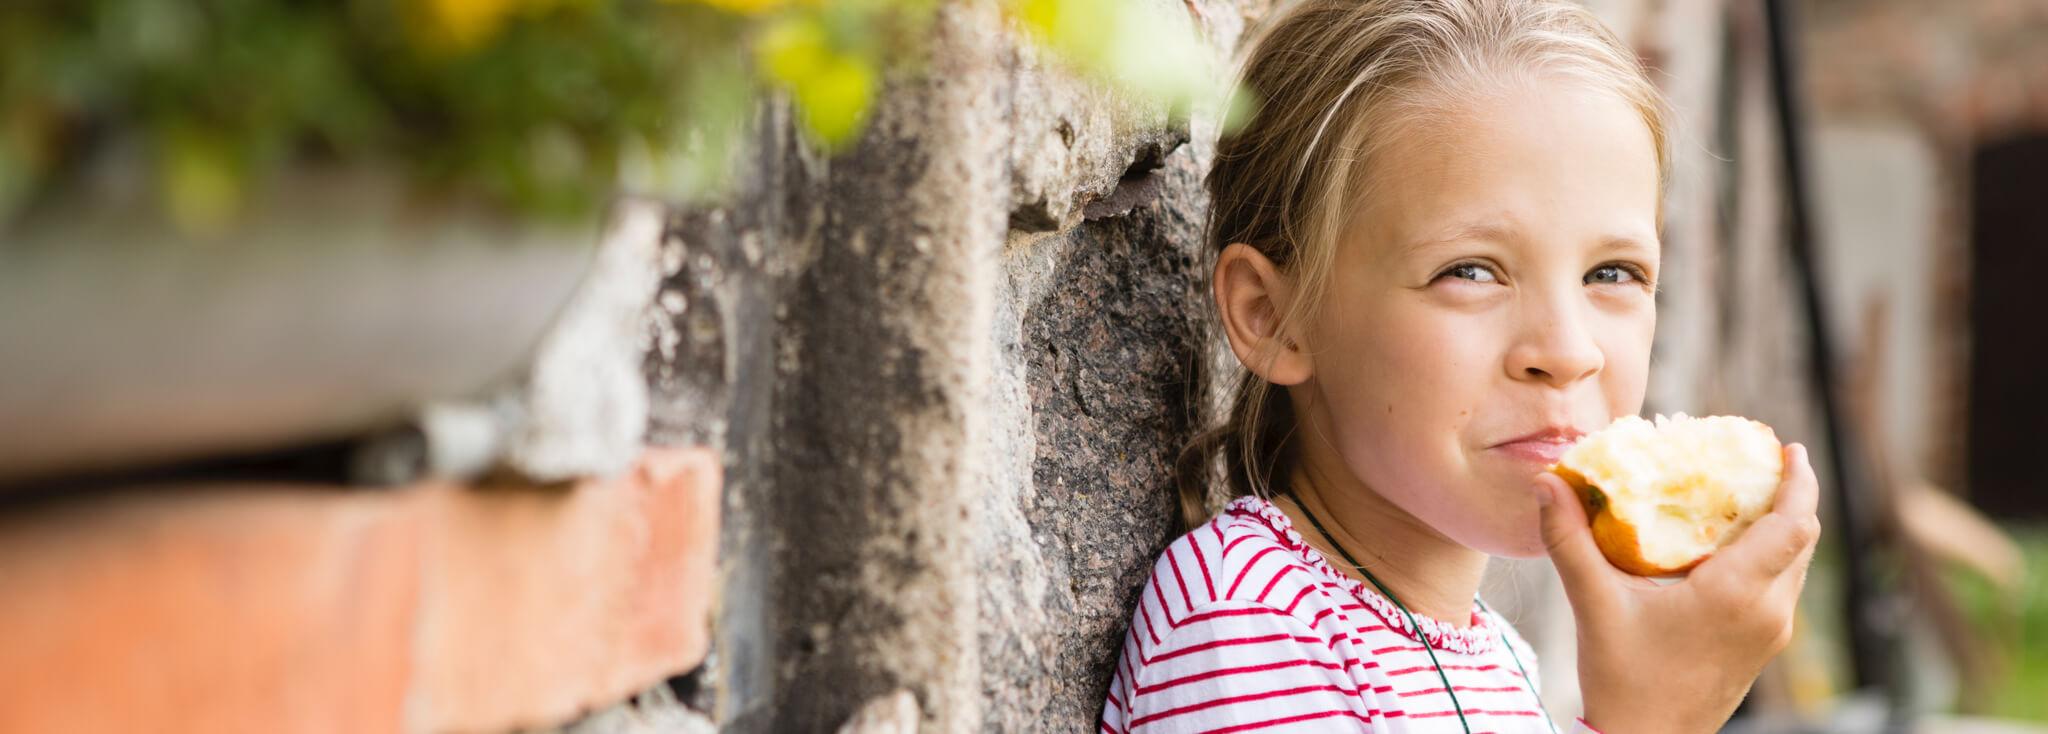 Enfant en train de manger une pomme